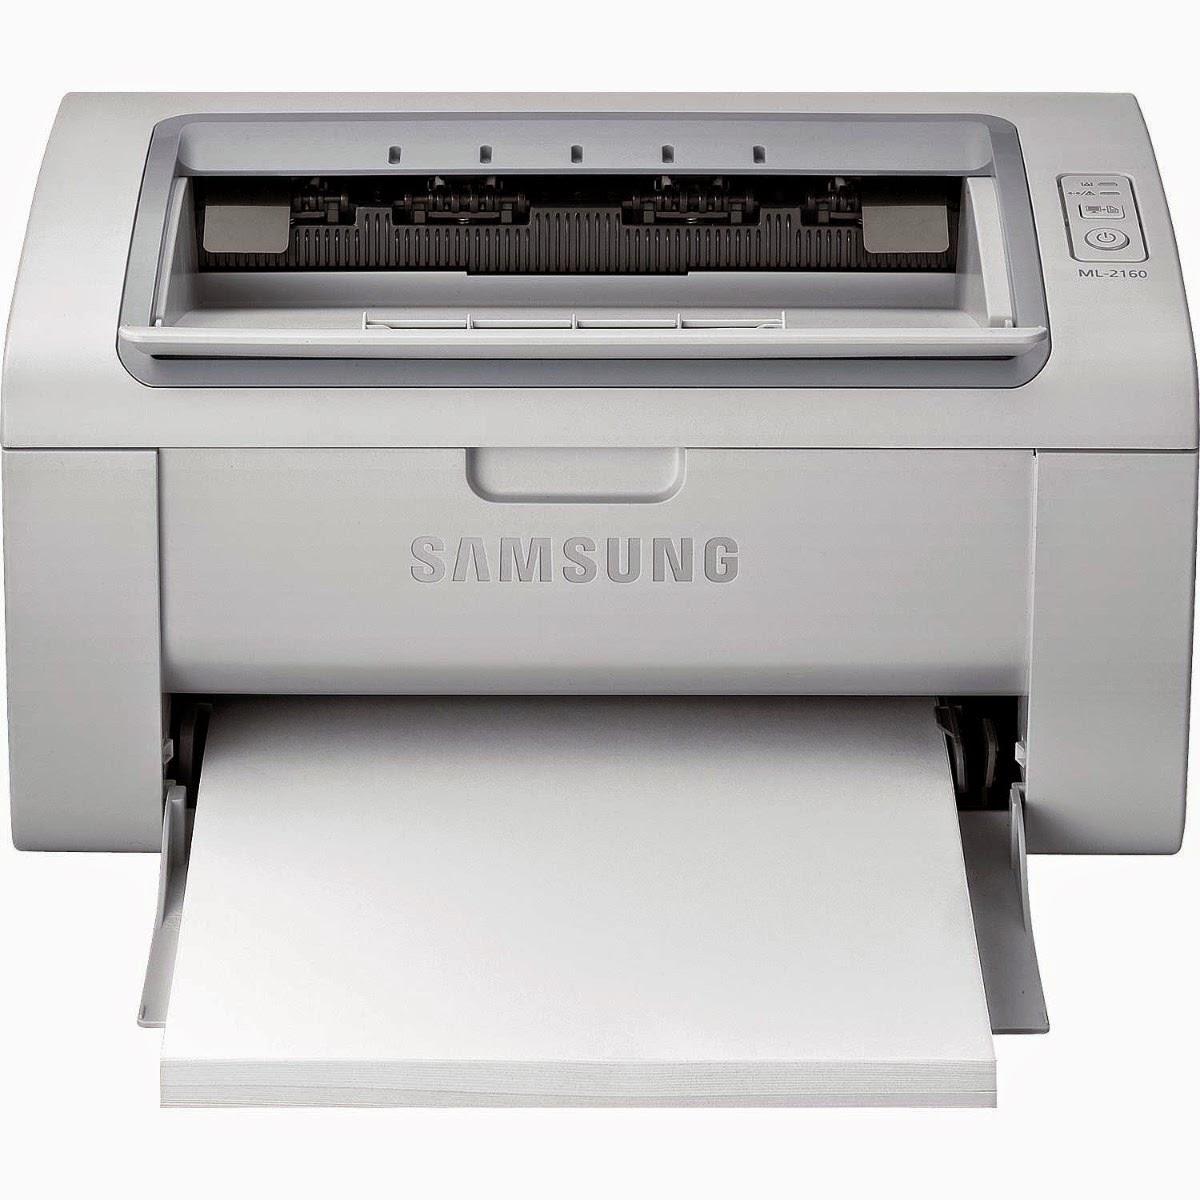 samsung ml 2165 driver download download driver printer. Black Bedroom Furniture Sets. Home Design Ideas